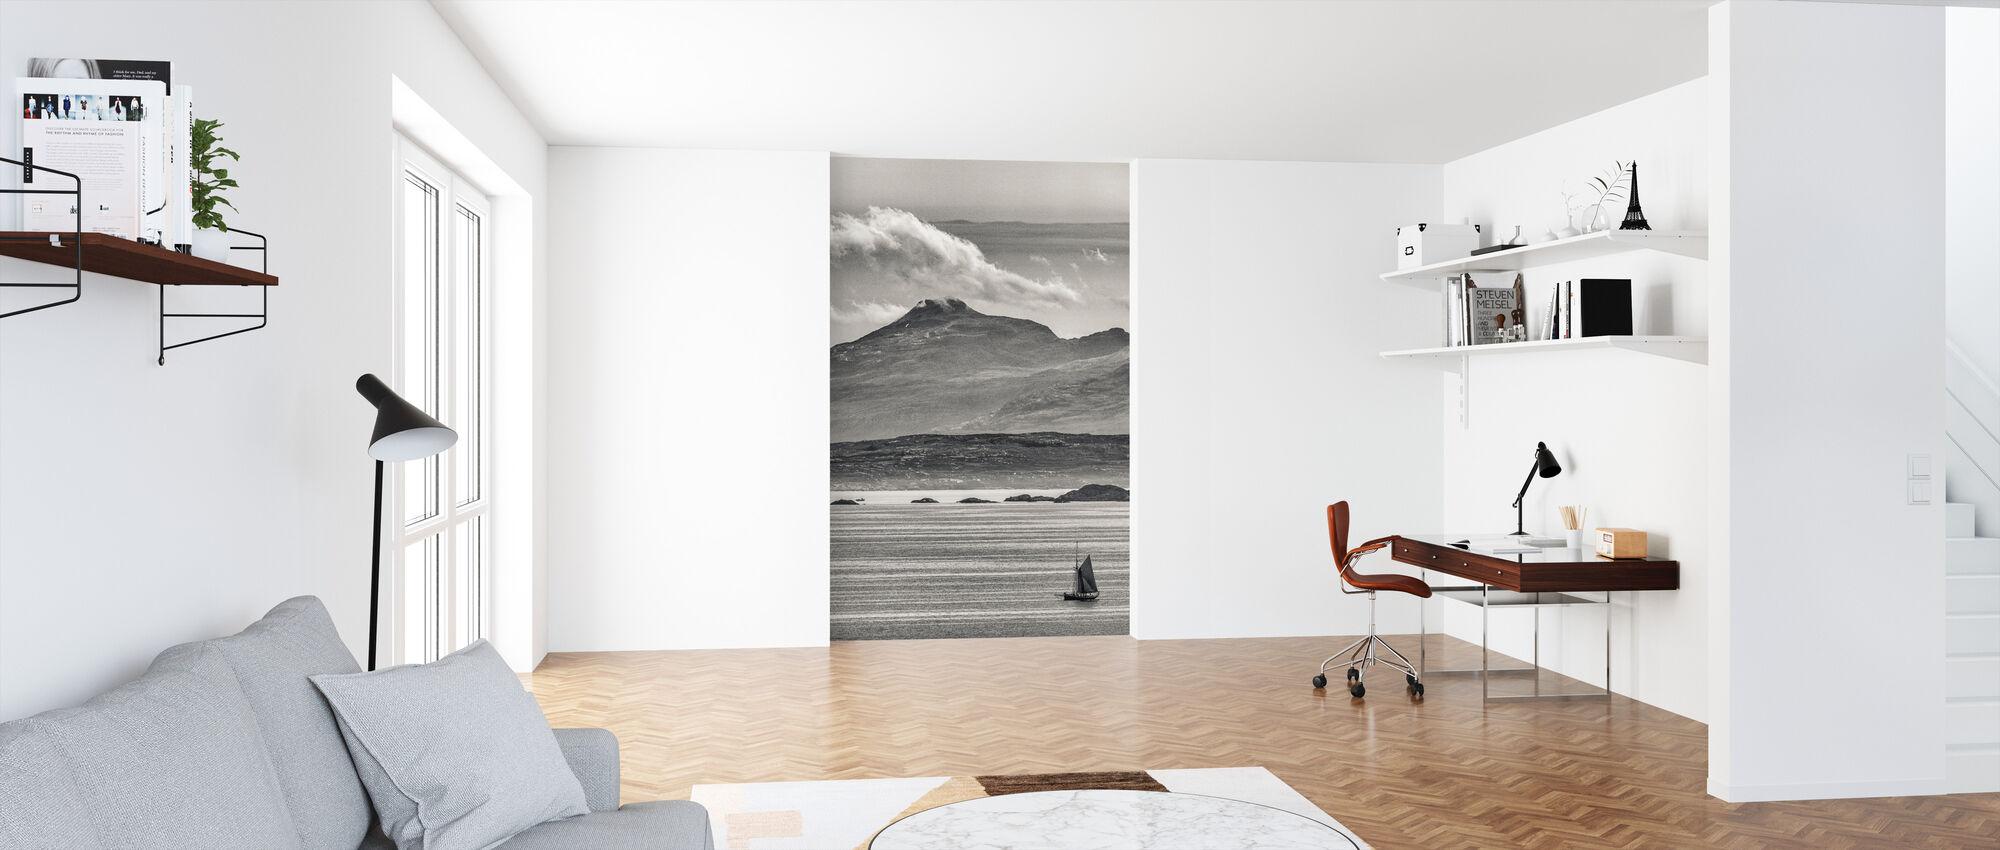 Kilt Rock, Isle of Skye - Scotland - Wallpaper - Office